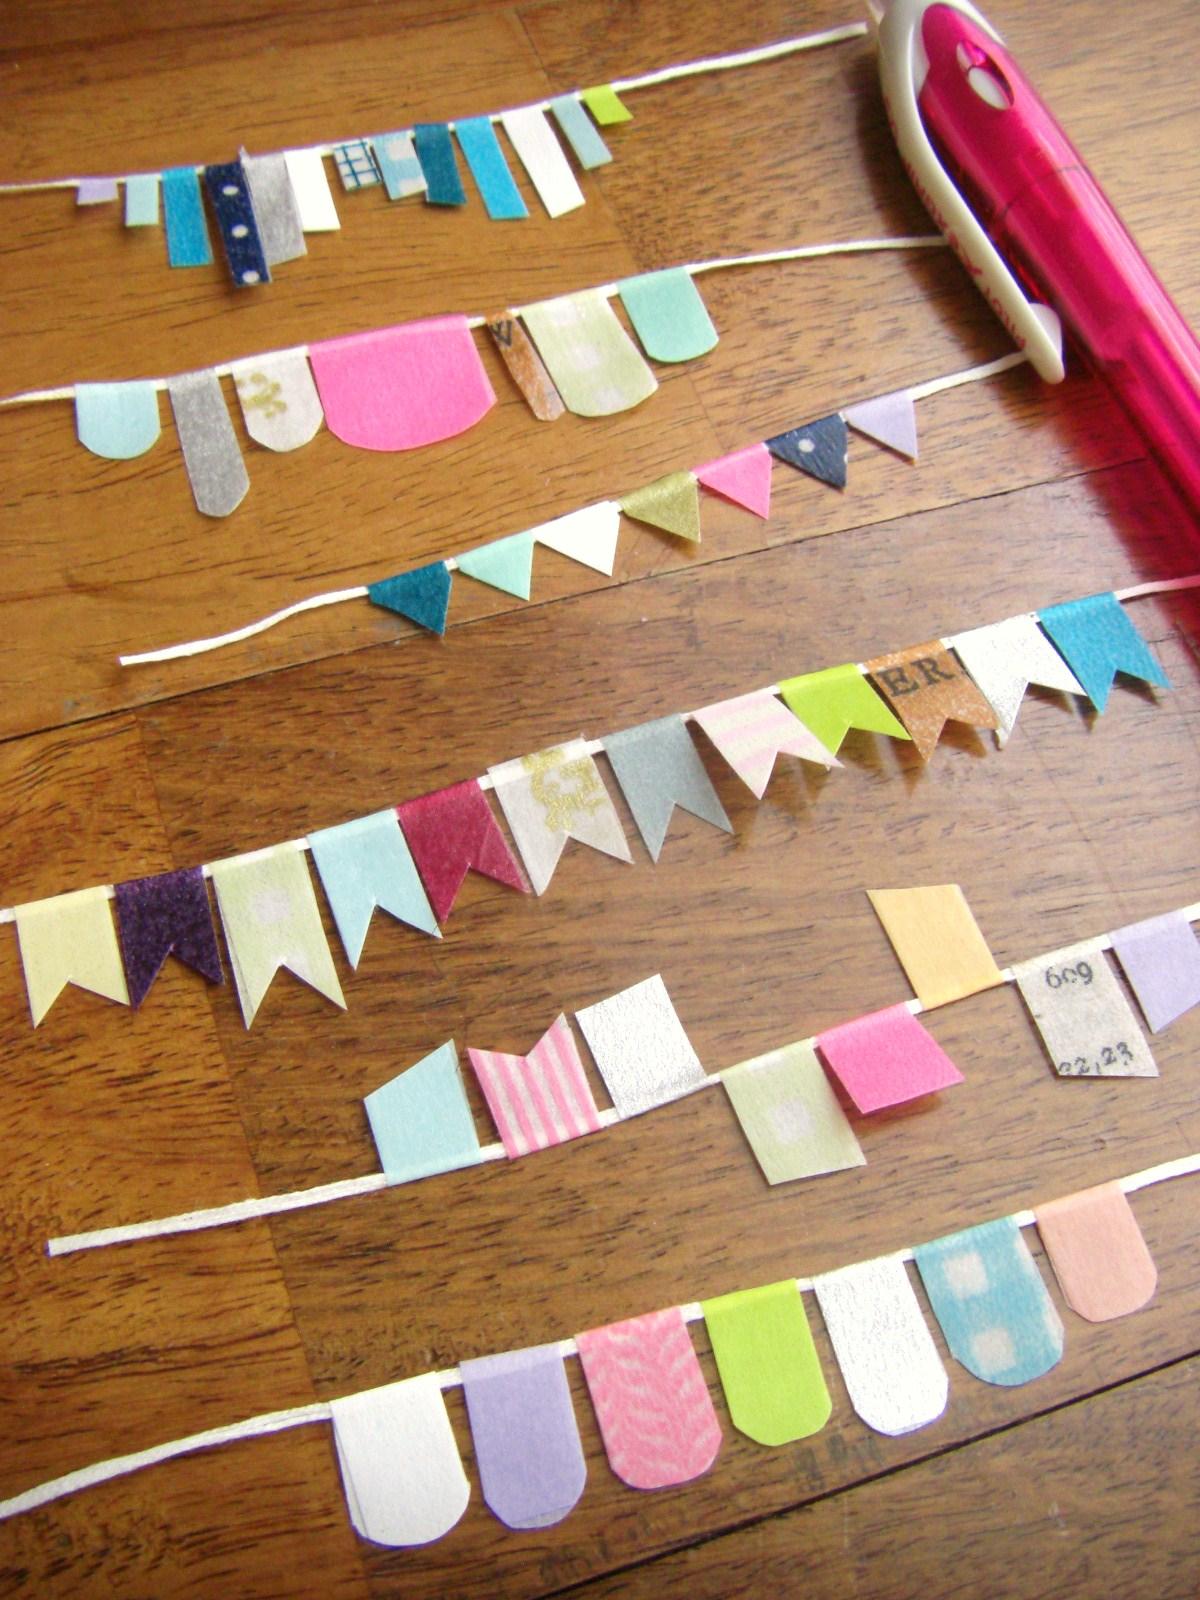 画像 : かんたん可愛い♪ マスキングテープの使い方・活用術・アイデア集 - NAVER まとめ